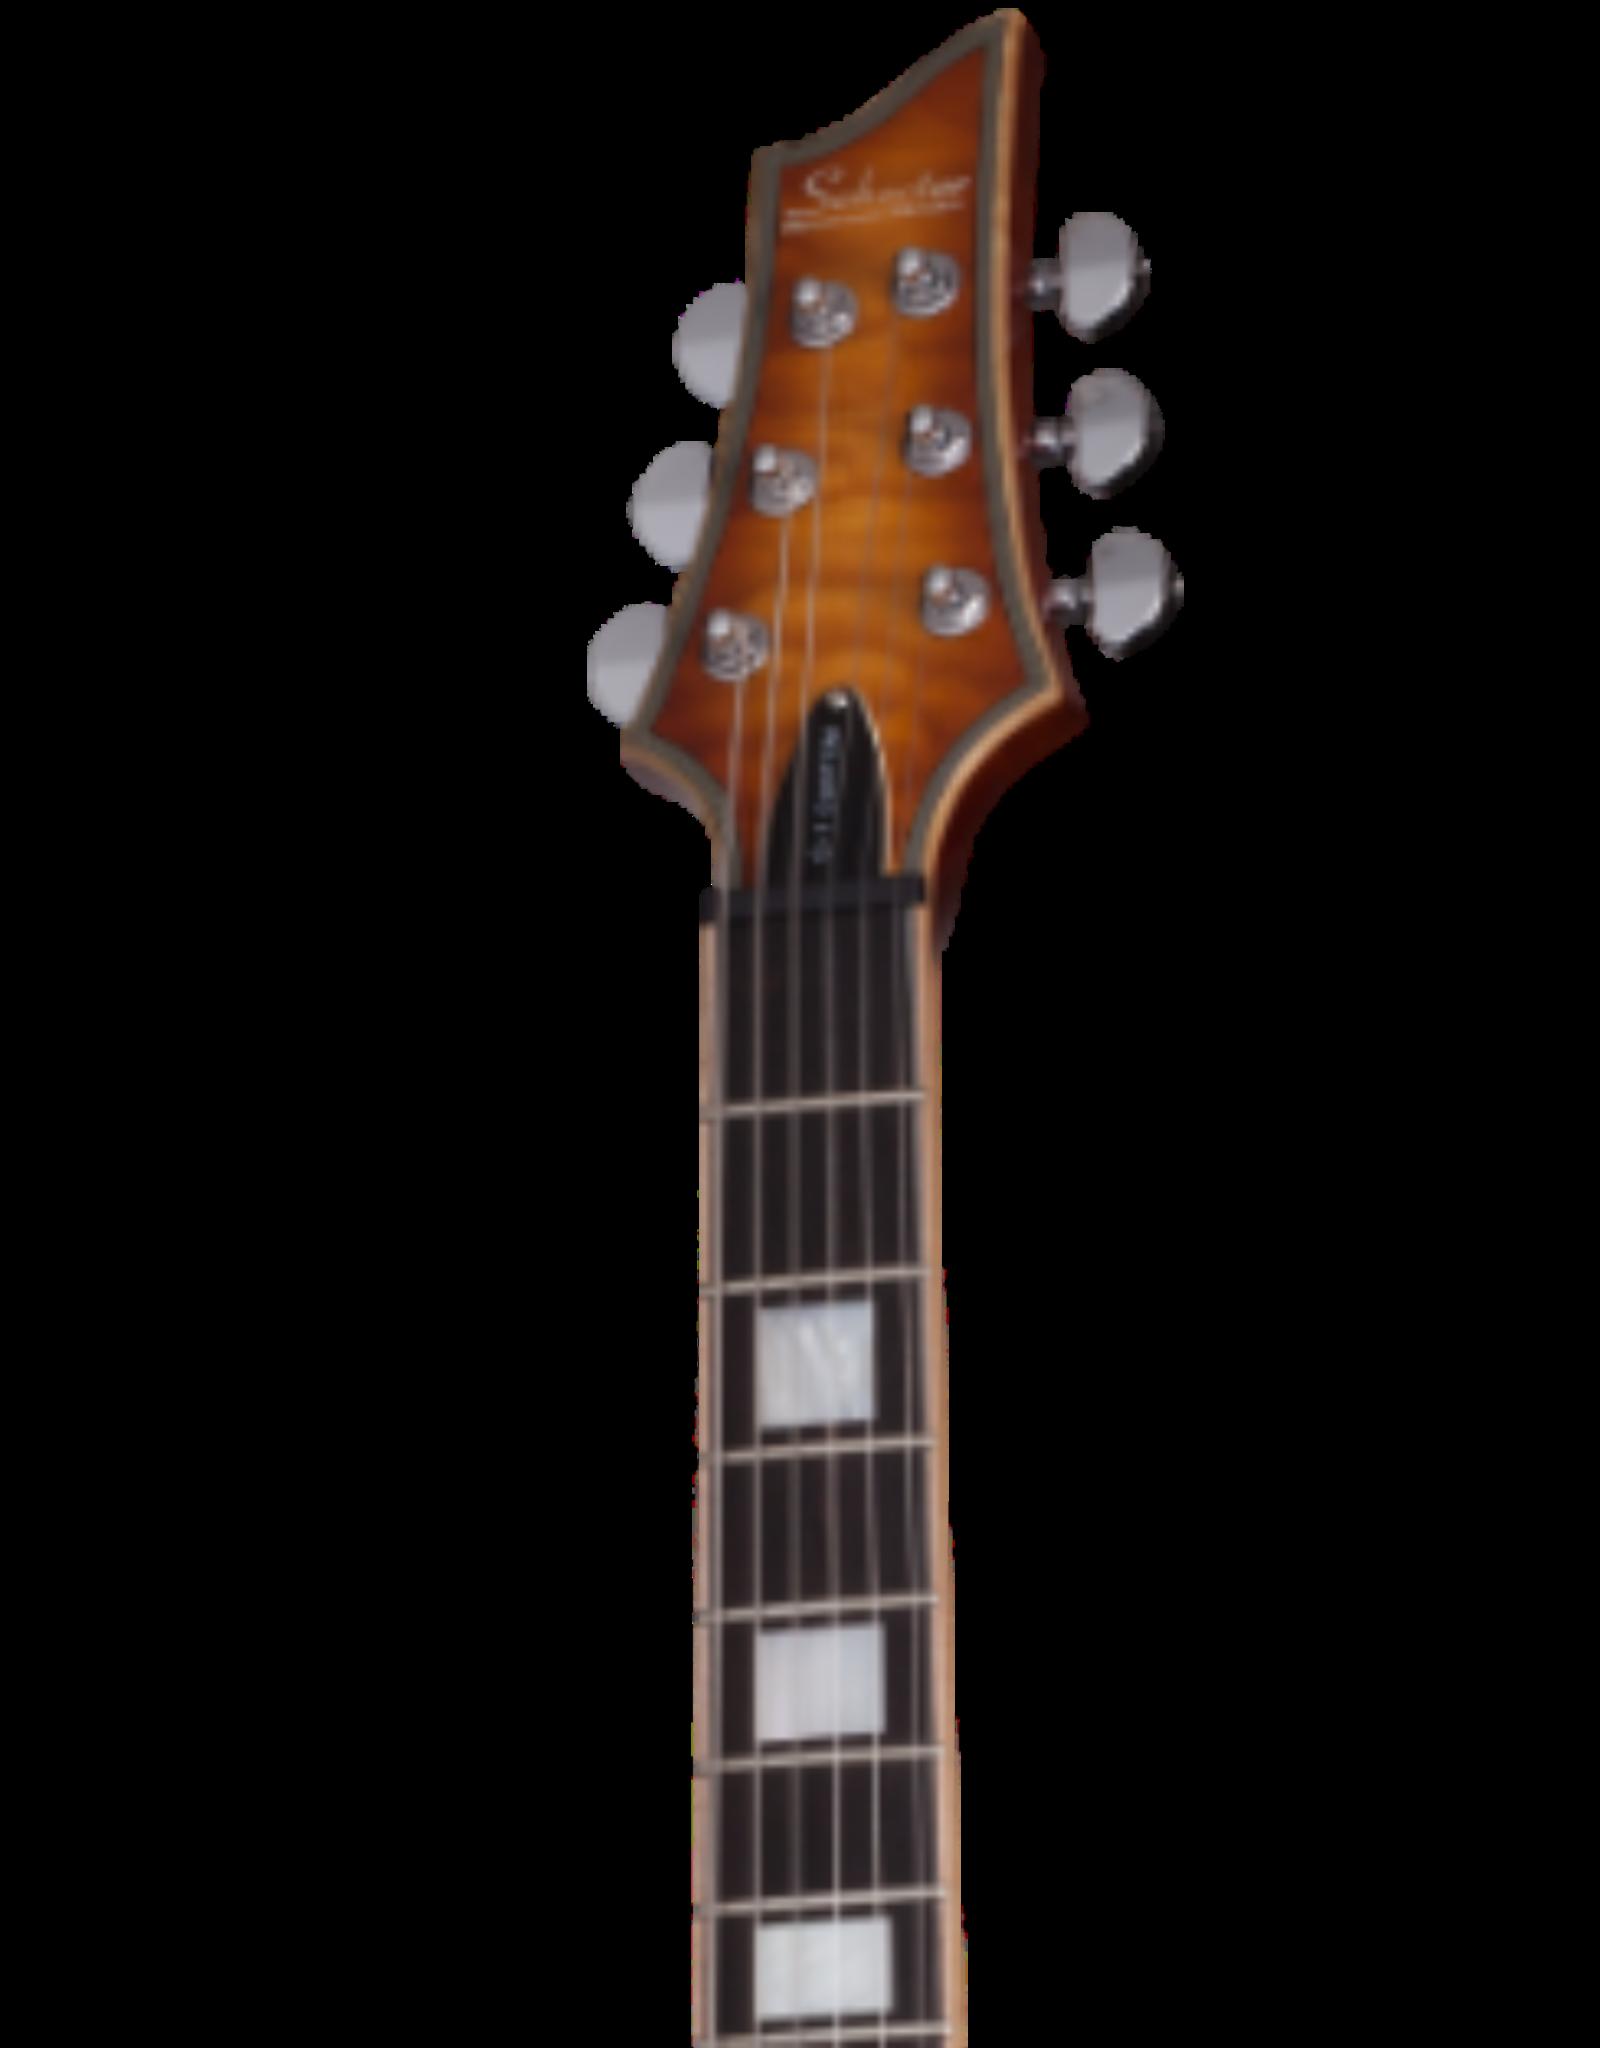 Schecter Schecter C-1 Custom Elektrische gitaar